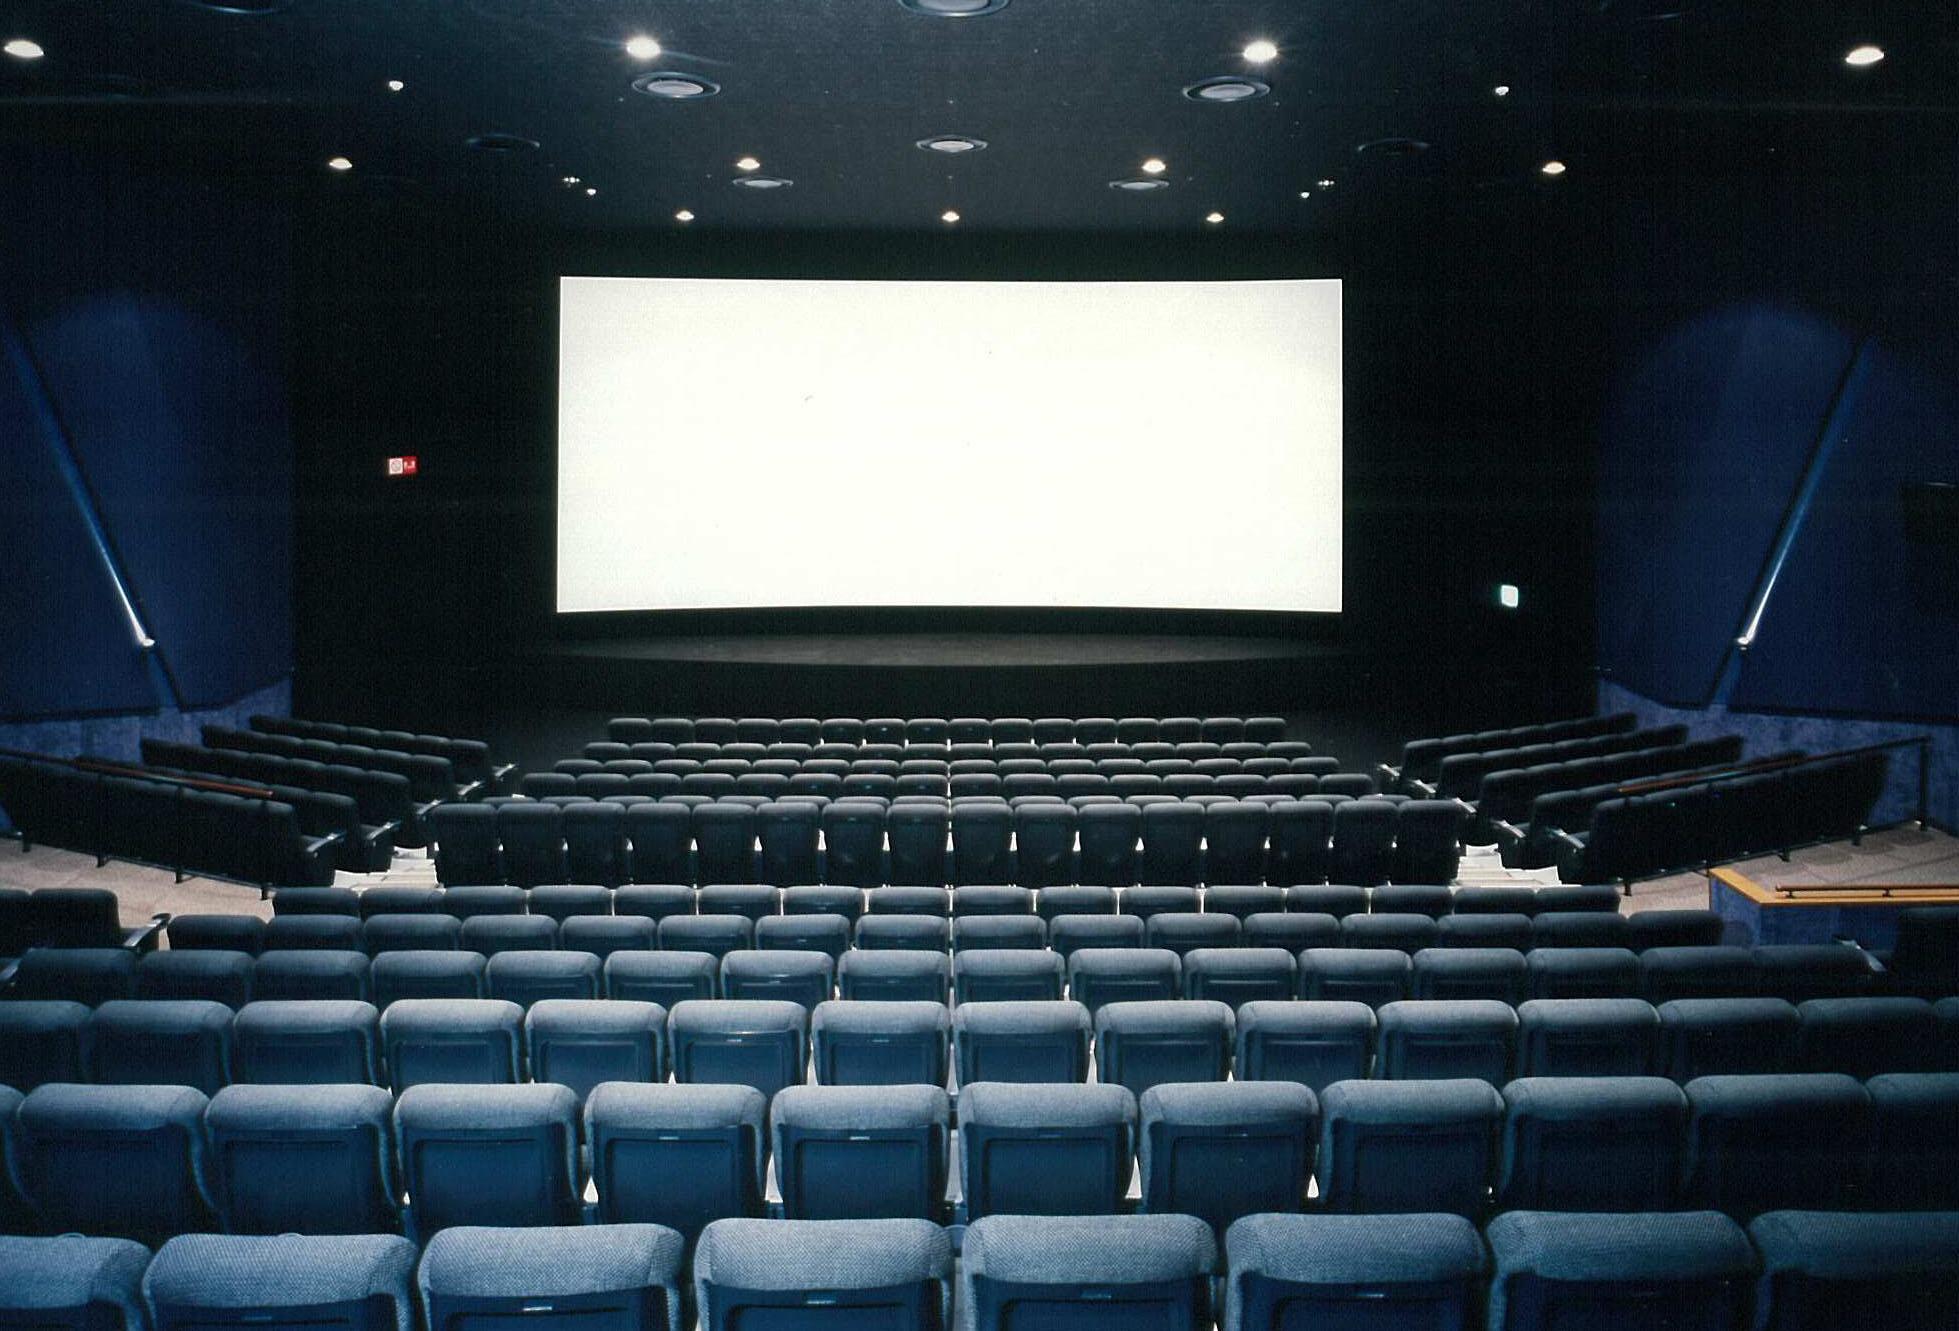 映画に夢中になりすぎるのも嫌ですが